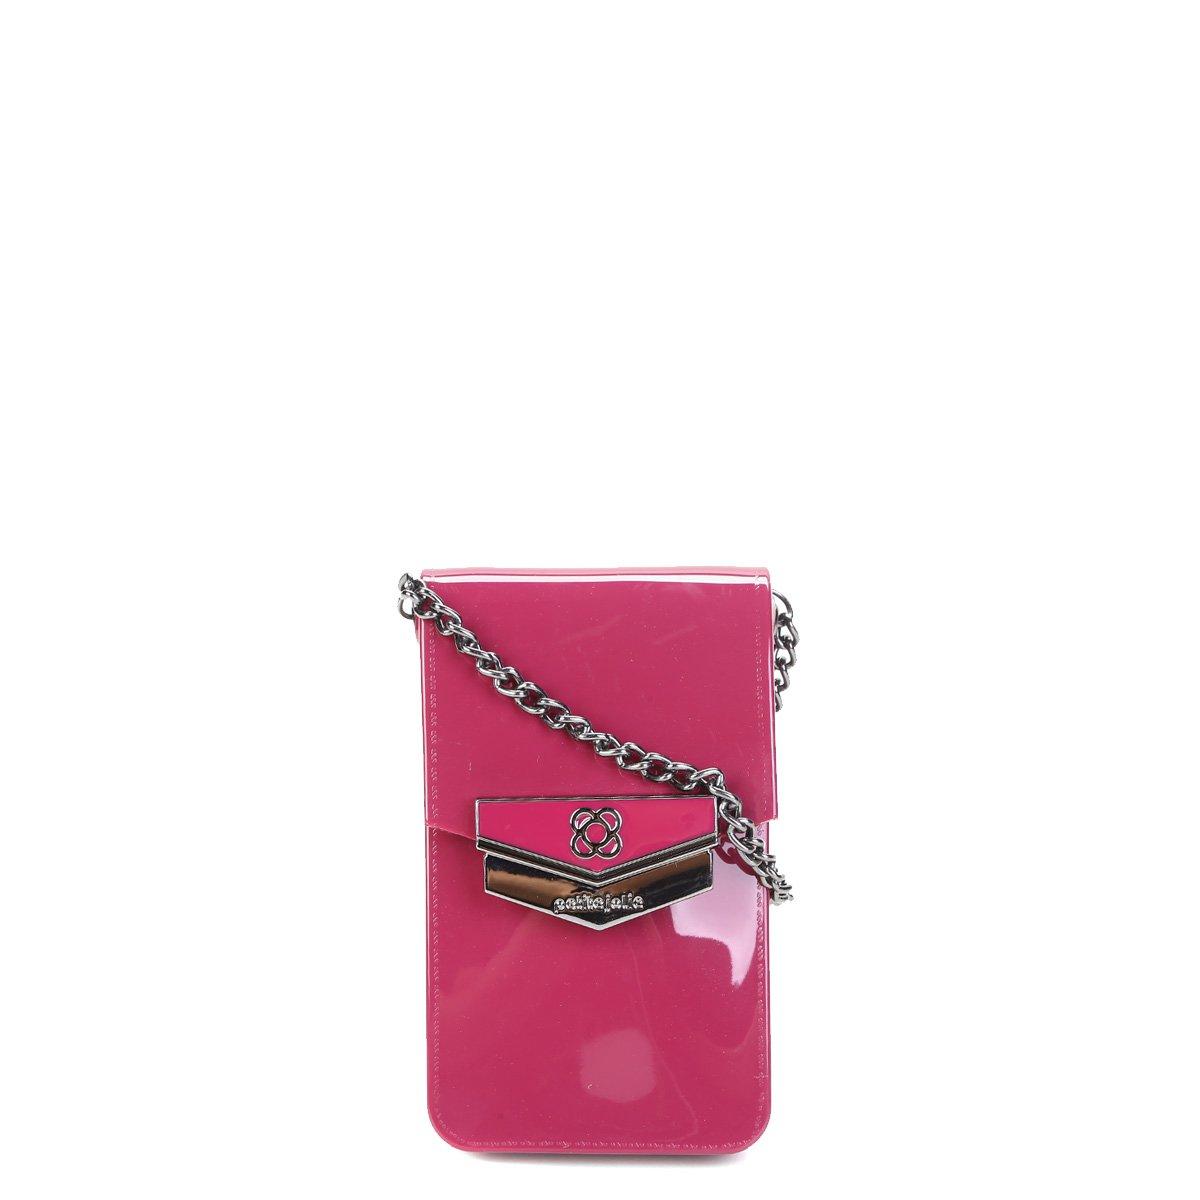 c29d29dd4 Bolsa Petite Jolie Mini Bag Phone Case Feminina